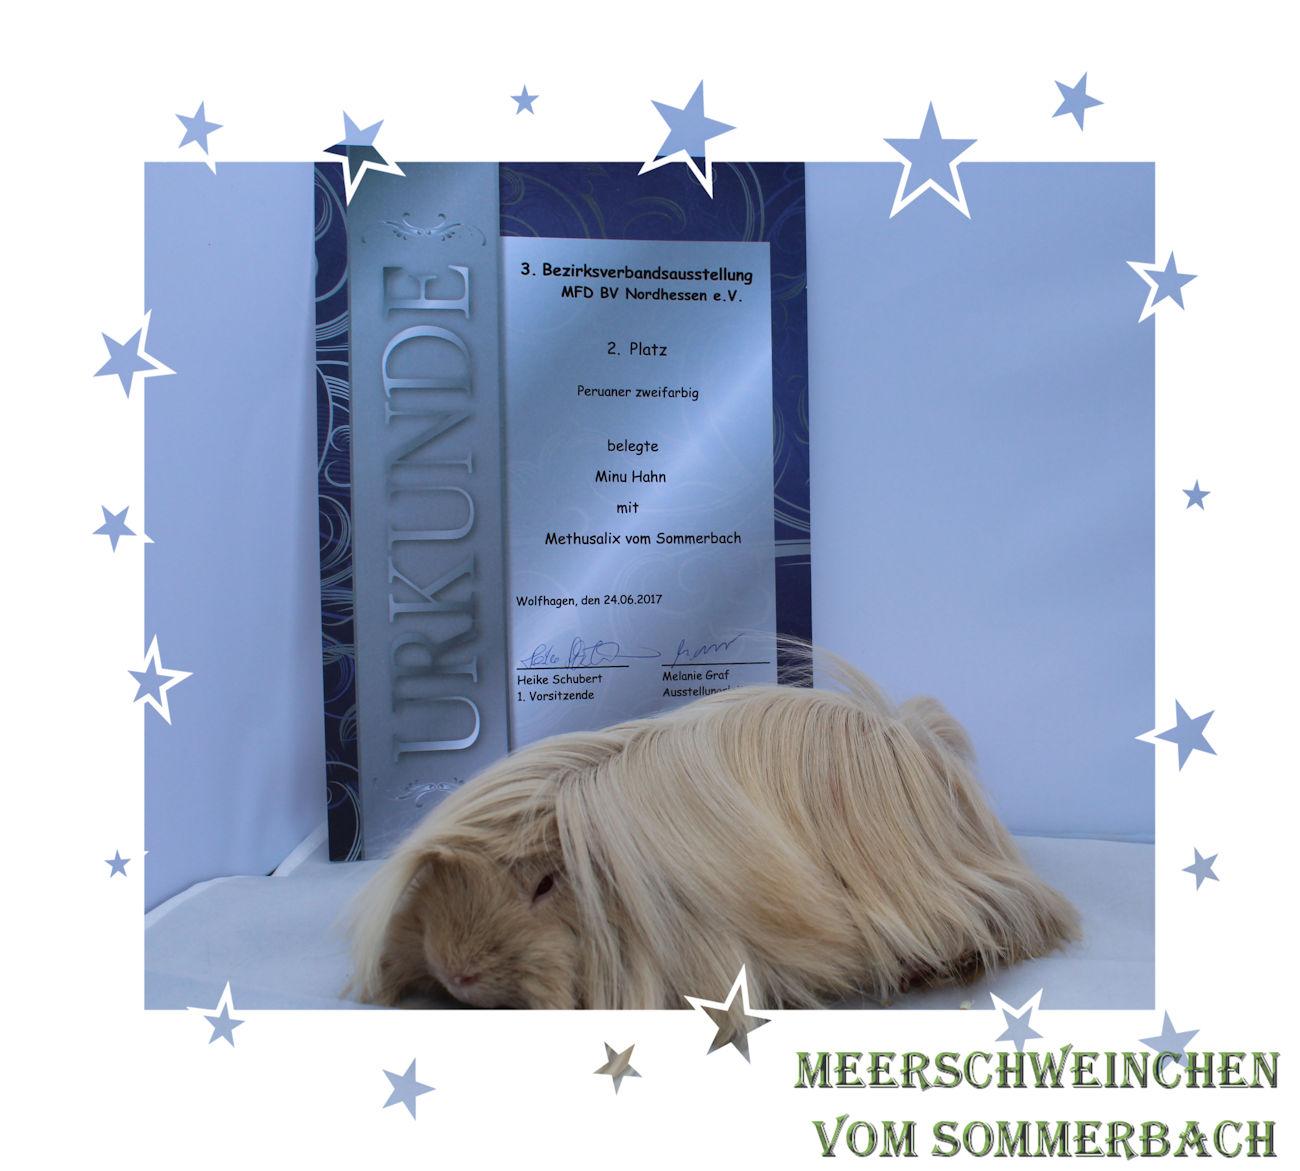 Methusalix vom Sommerbach mit Urkunde vom 24.06.17